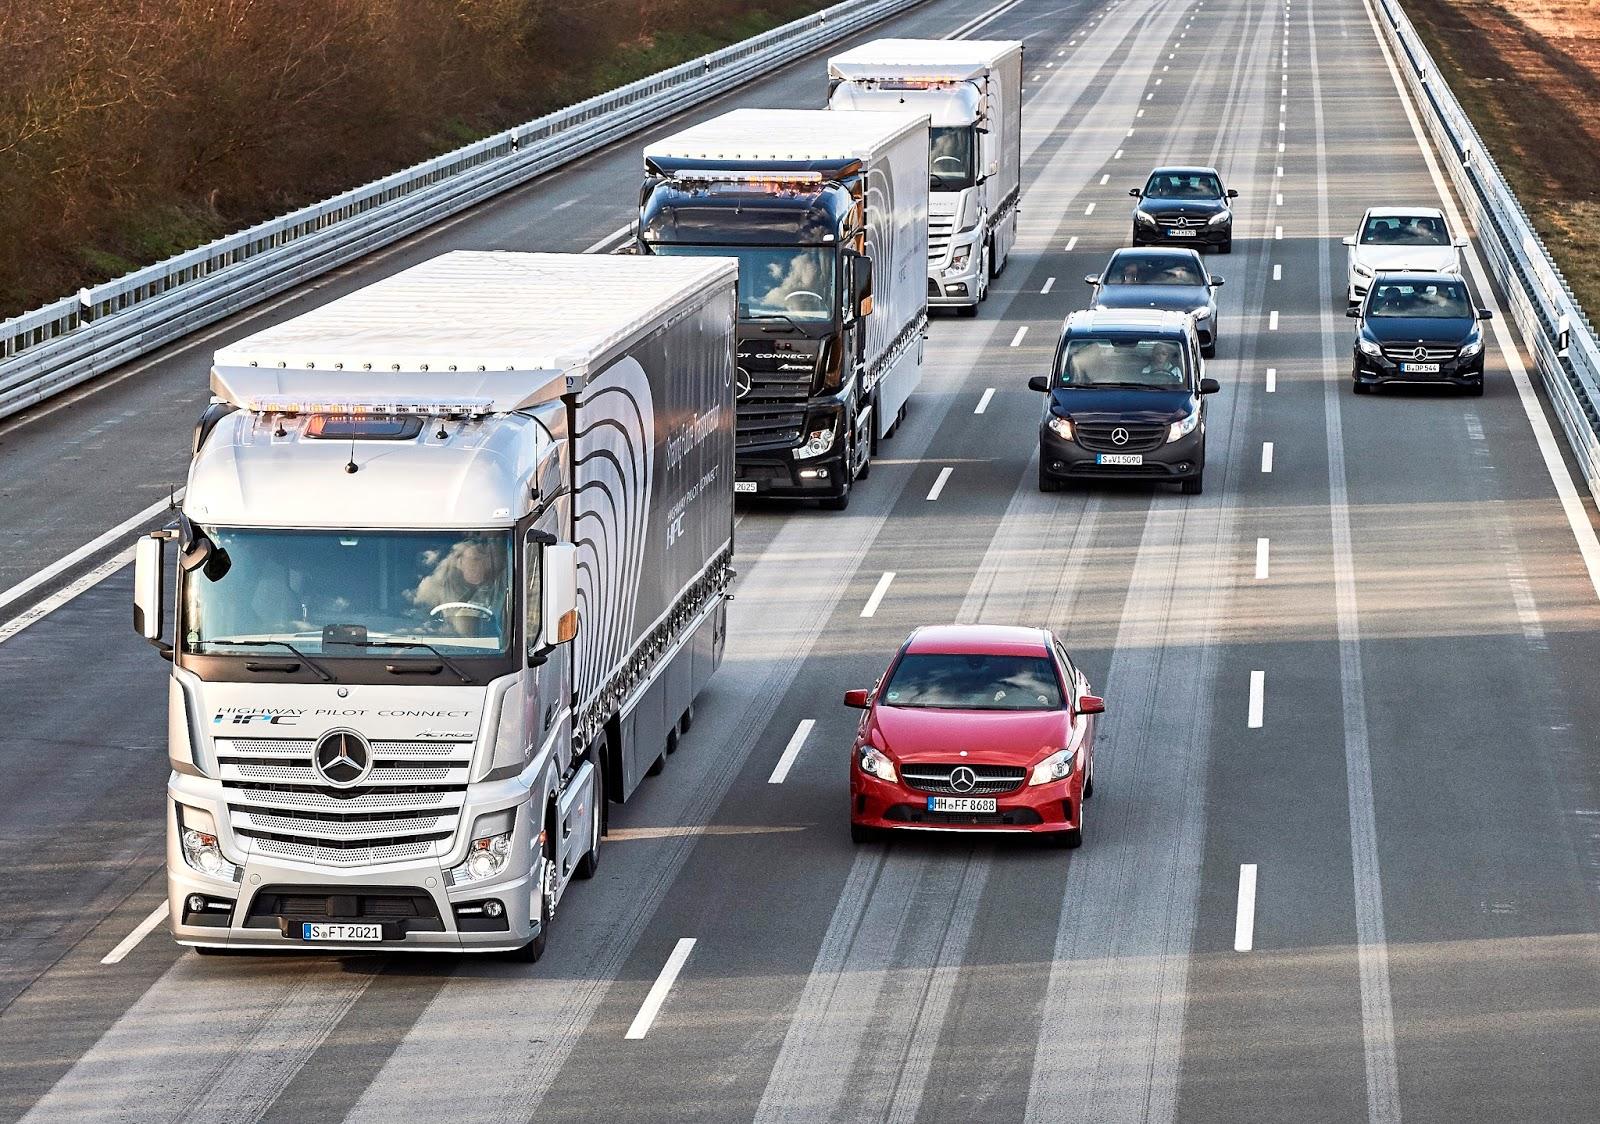 Viaceré spoločnosti testujú Platooning v reálnej premávke